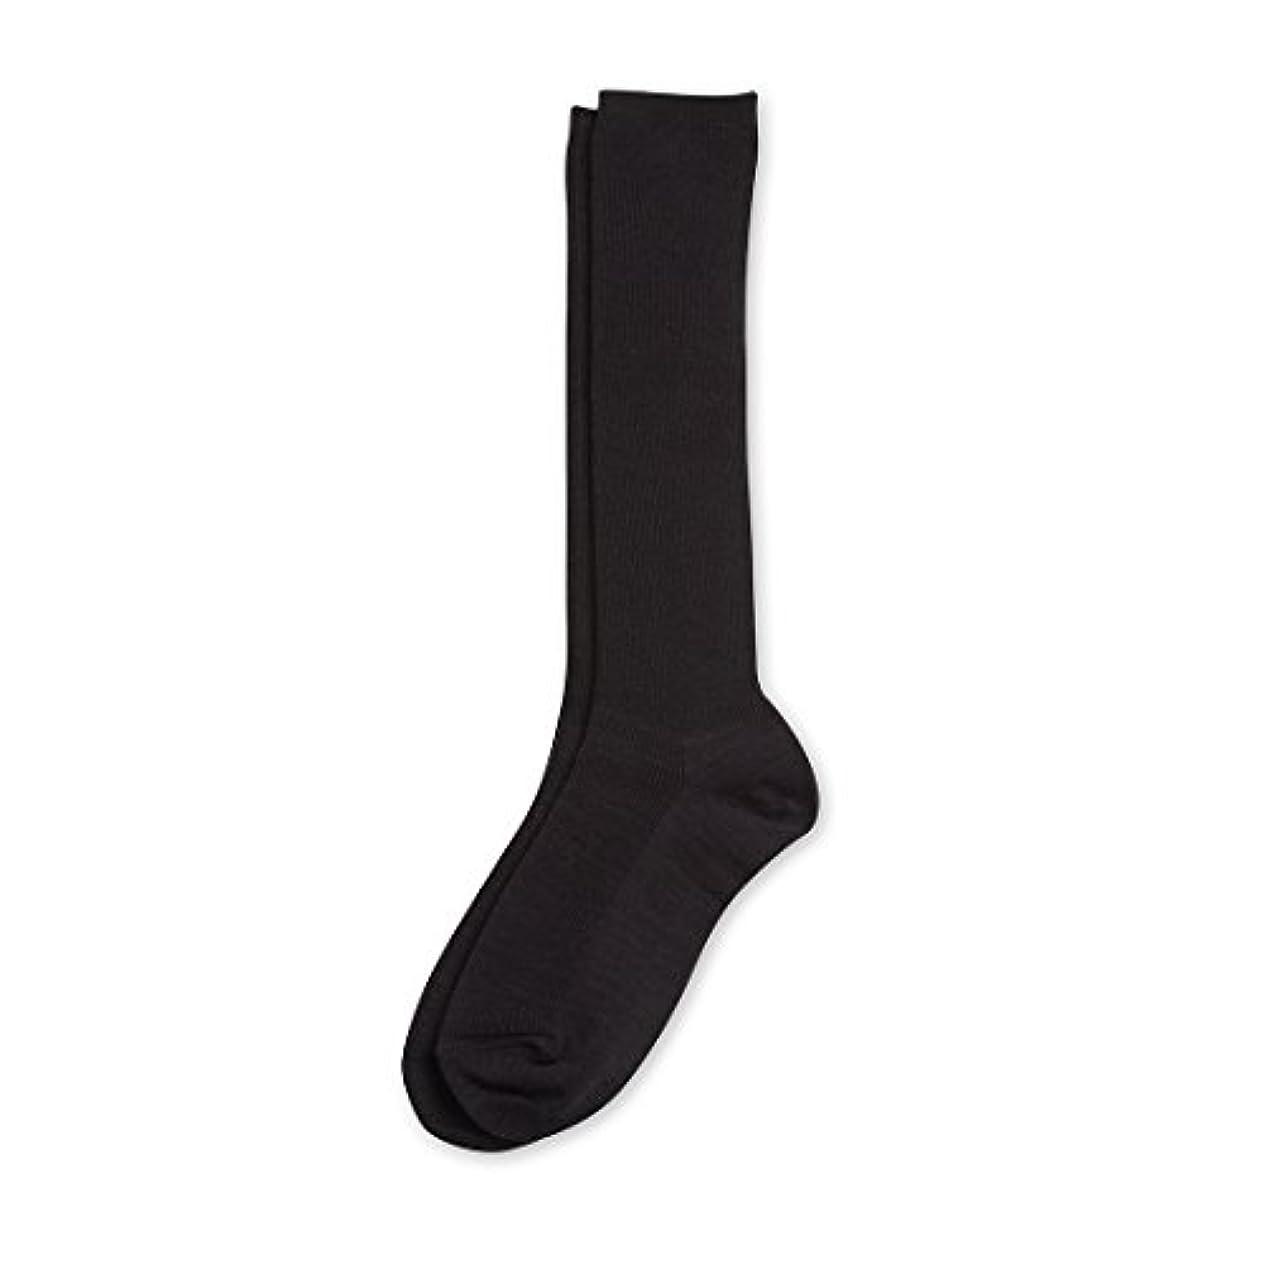 キャンパス露出度の高い地下室Deol(デオル) ハイソックス 女性用 日本製 靴下 黒 23cm-25cm